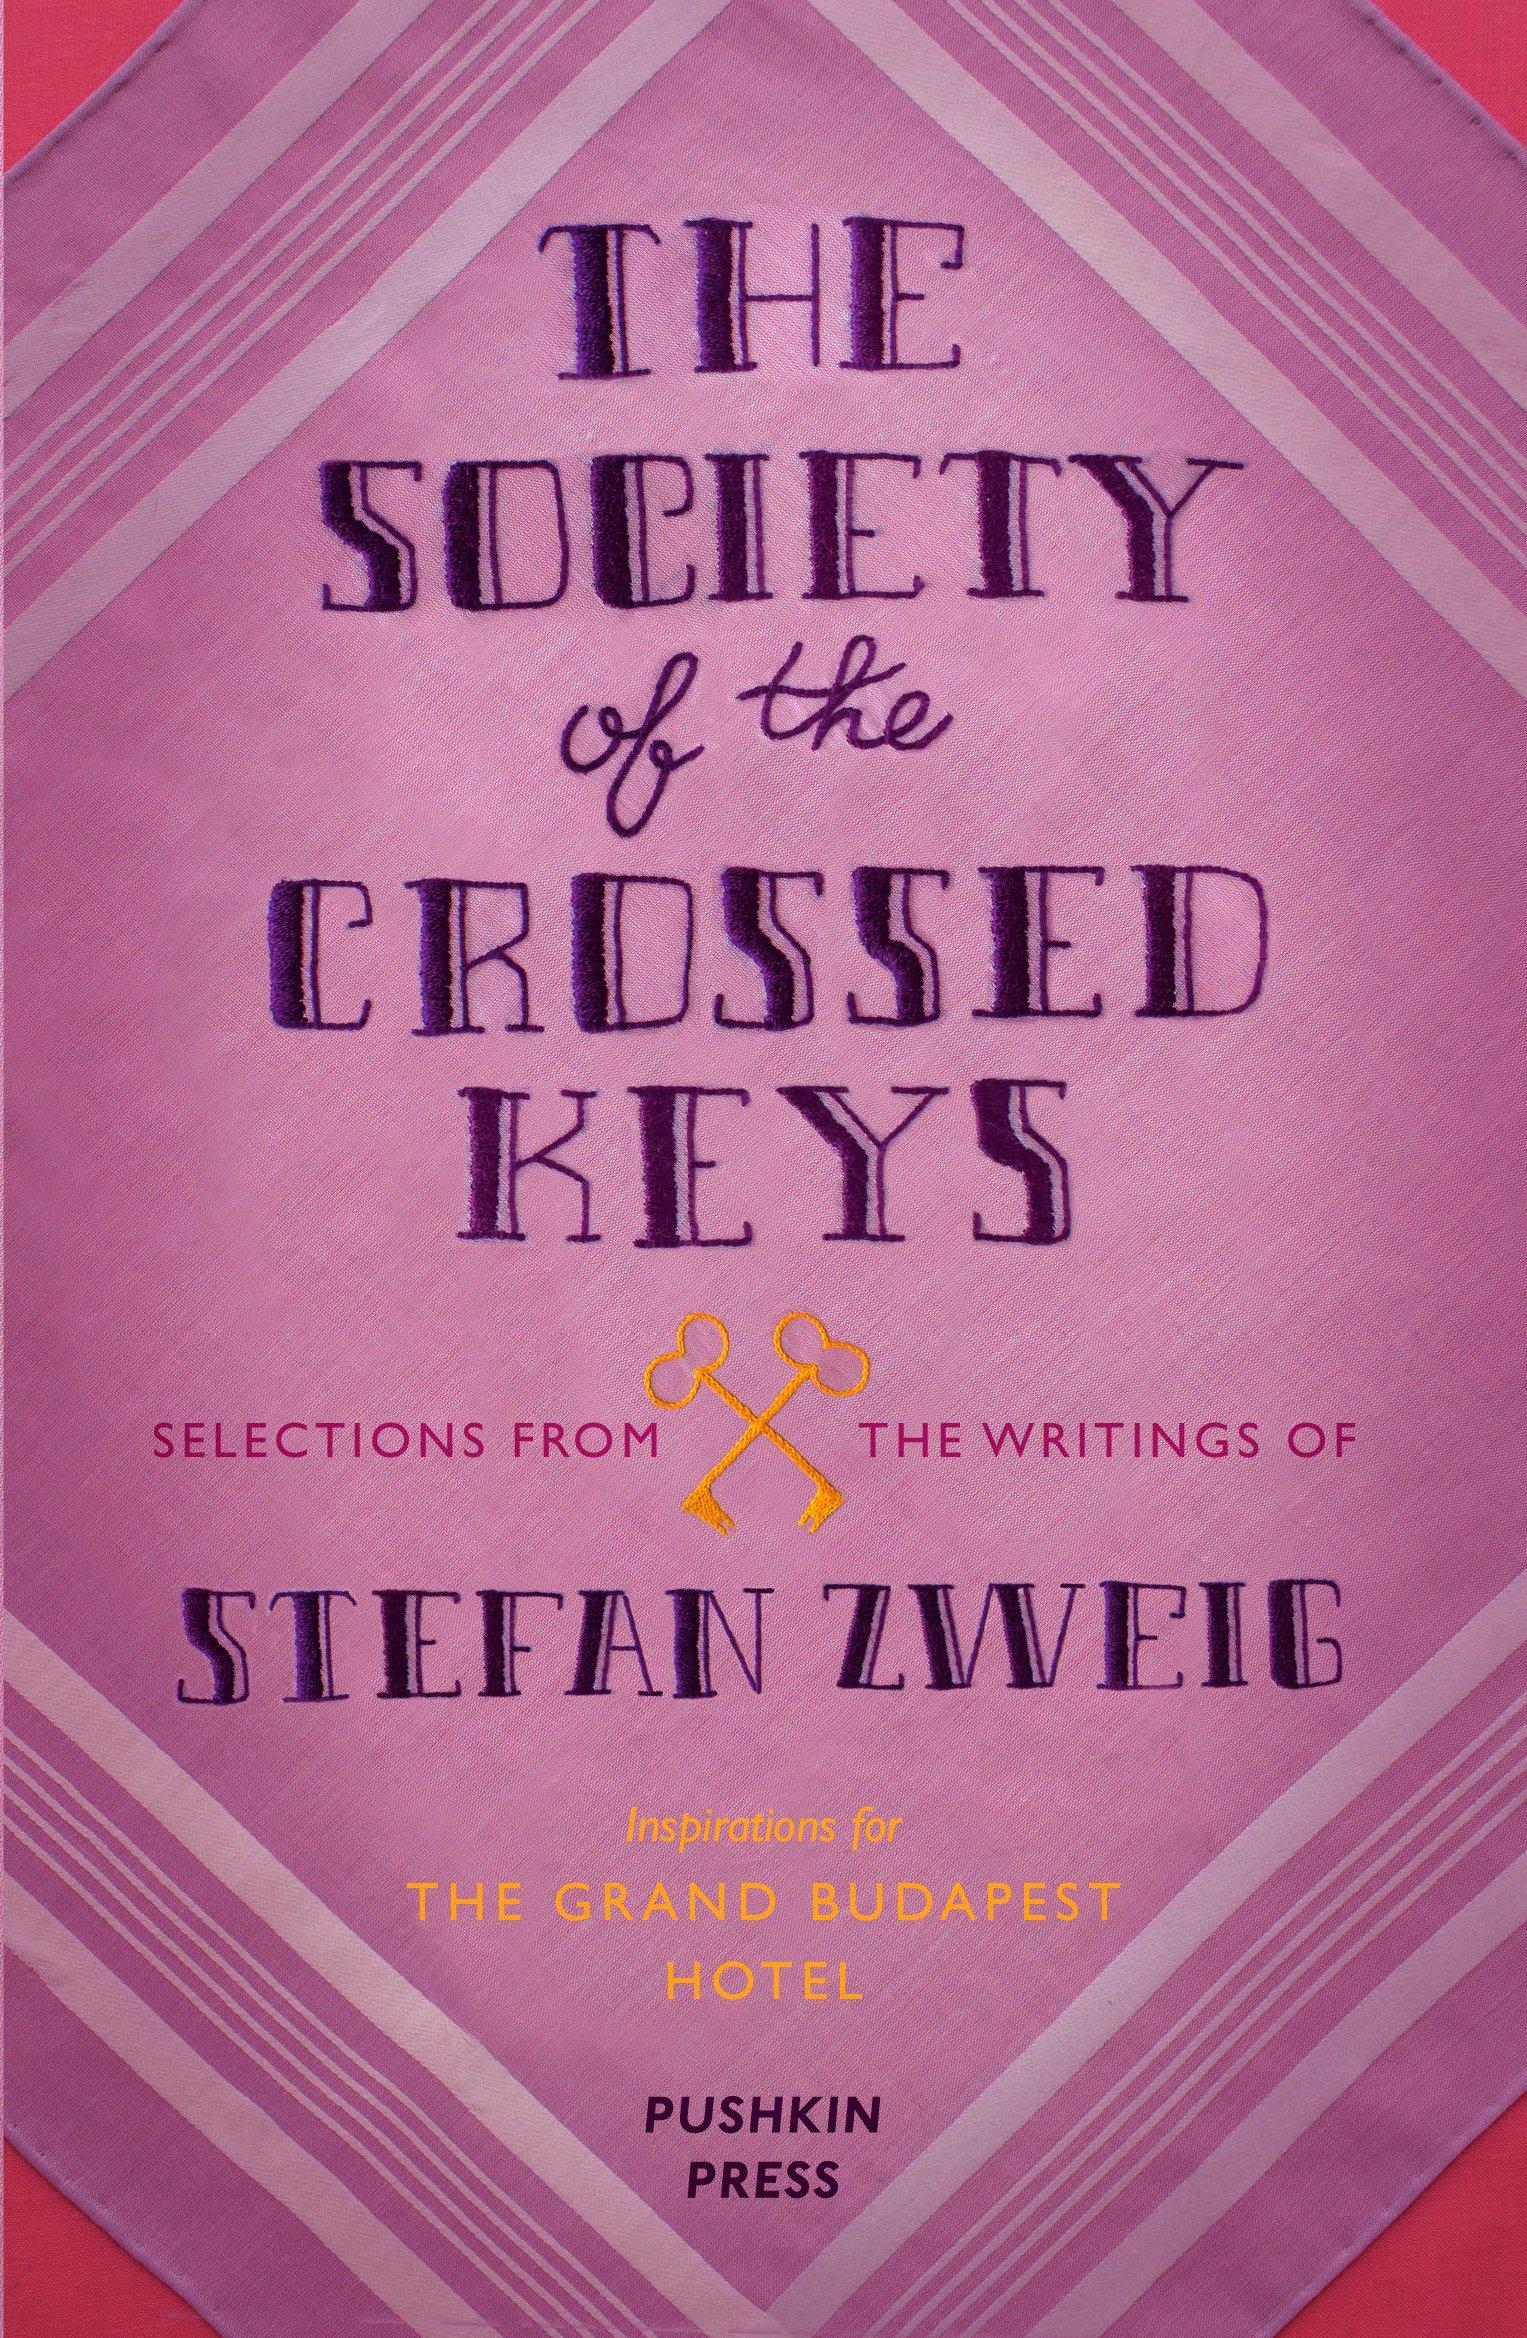 Society of Crossed Keys cover art